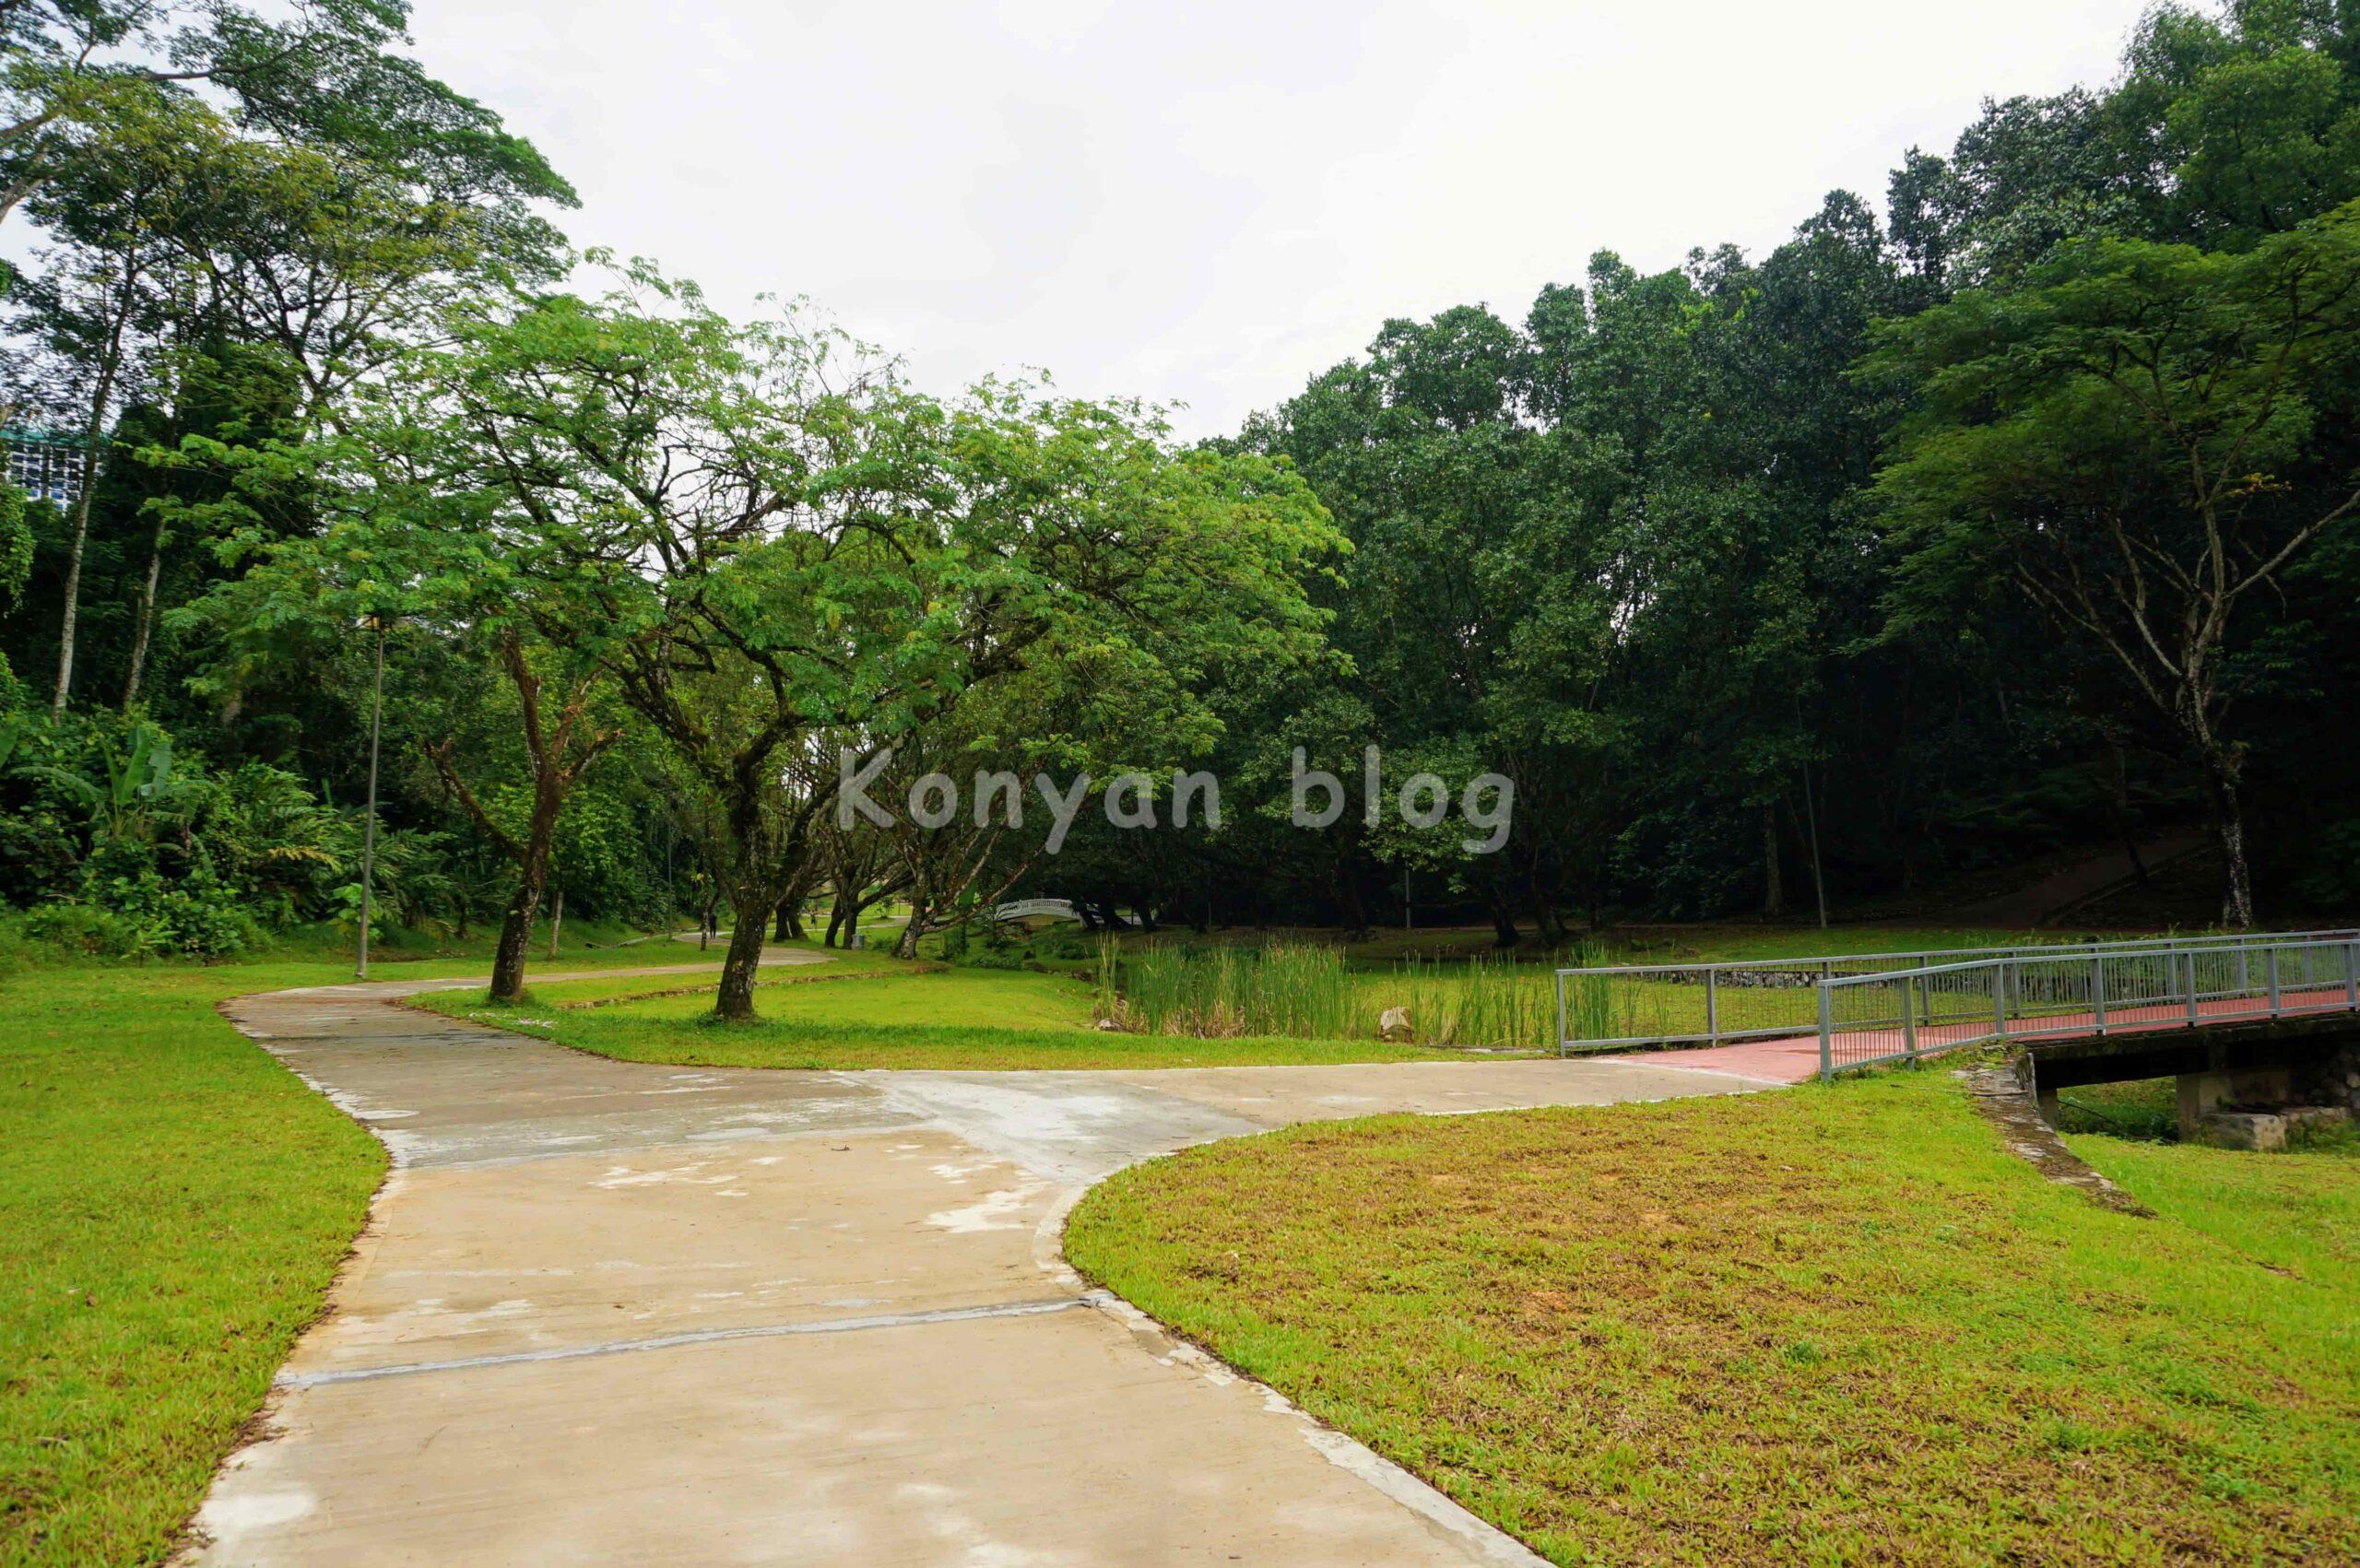 Taman Tasik Permaisuri 公園